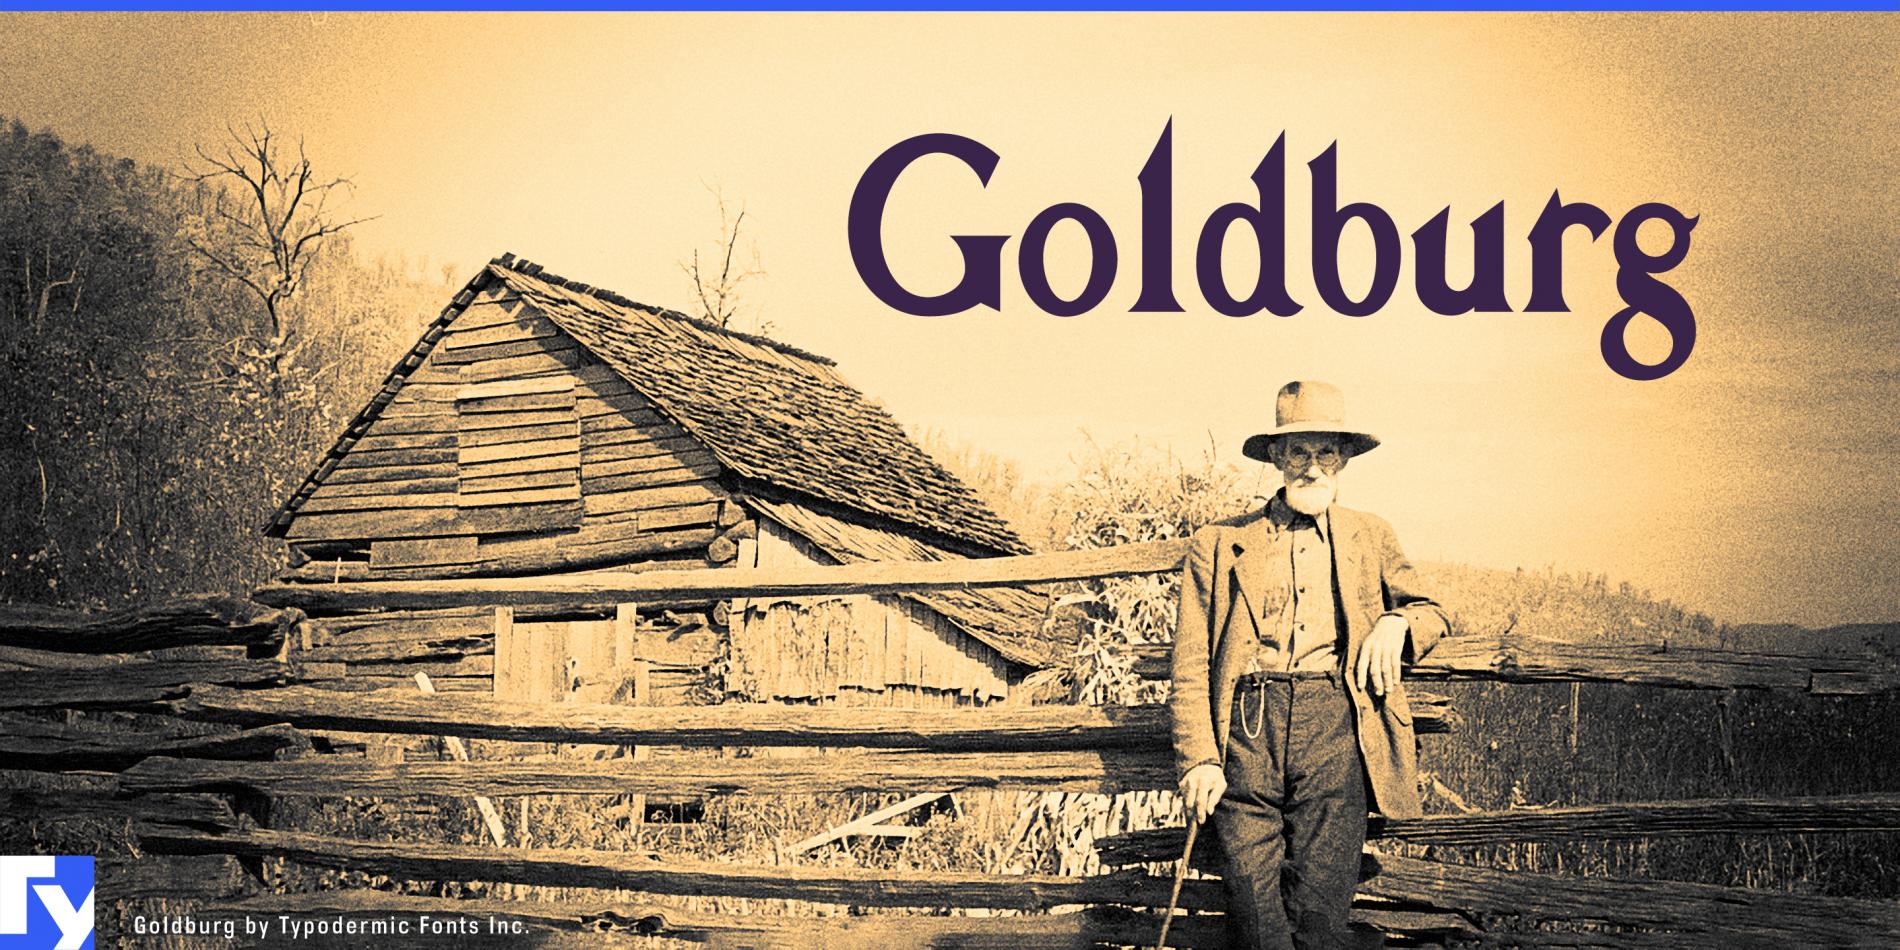 Goldburg